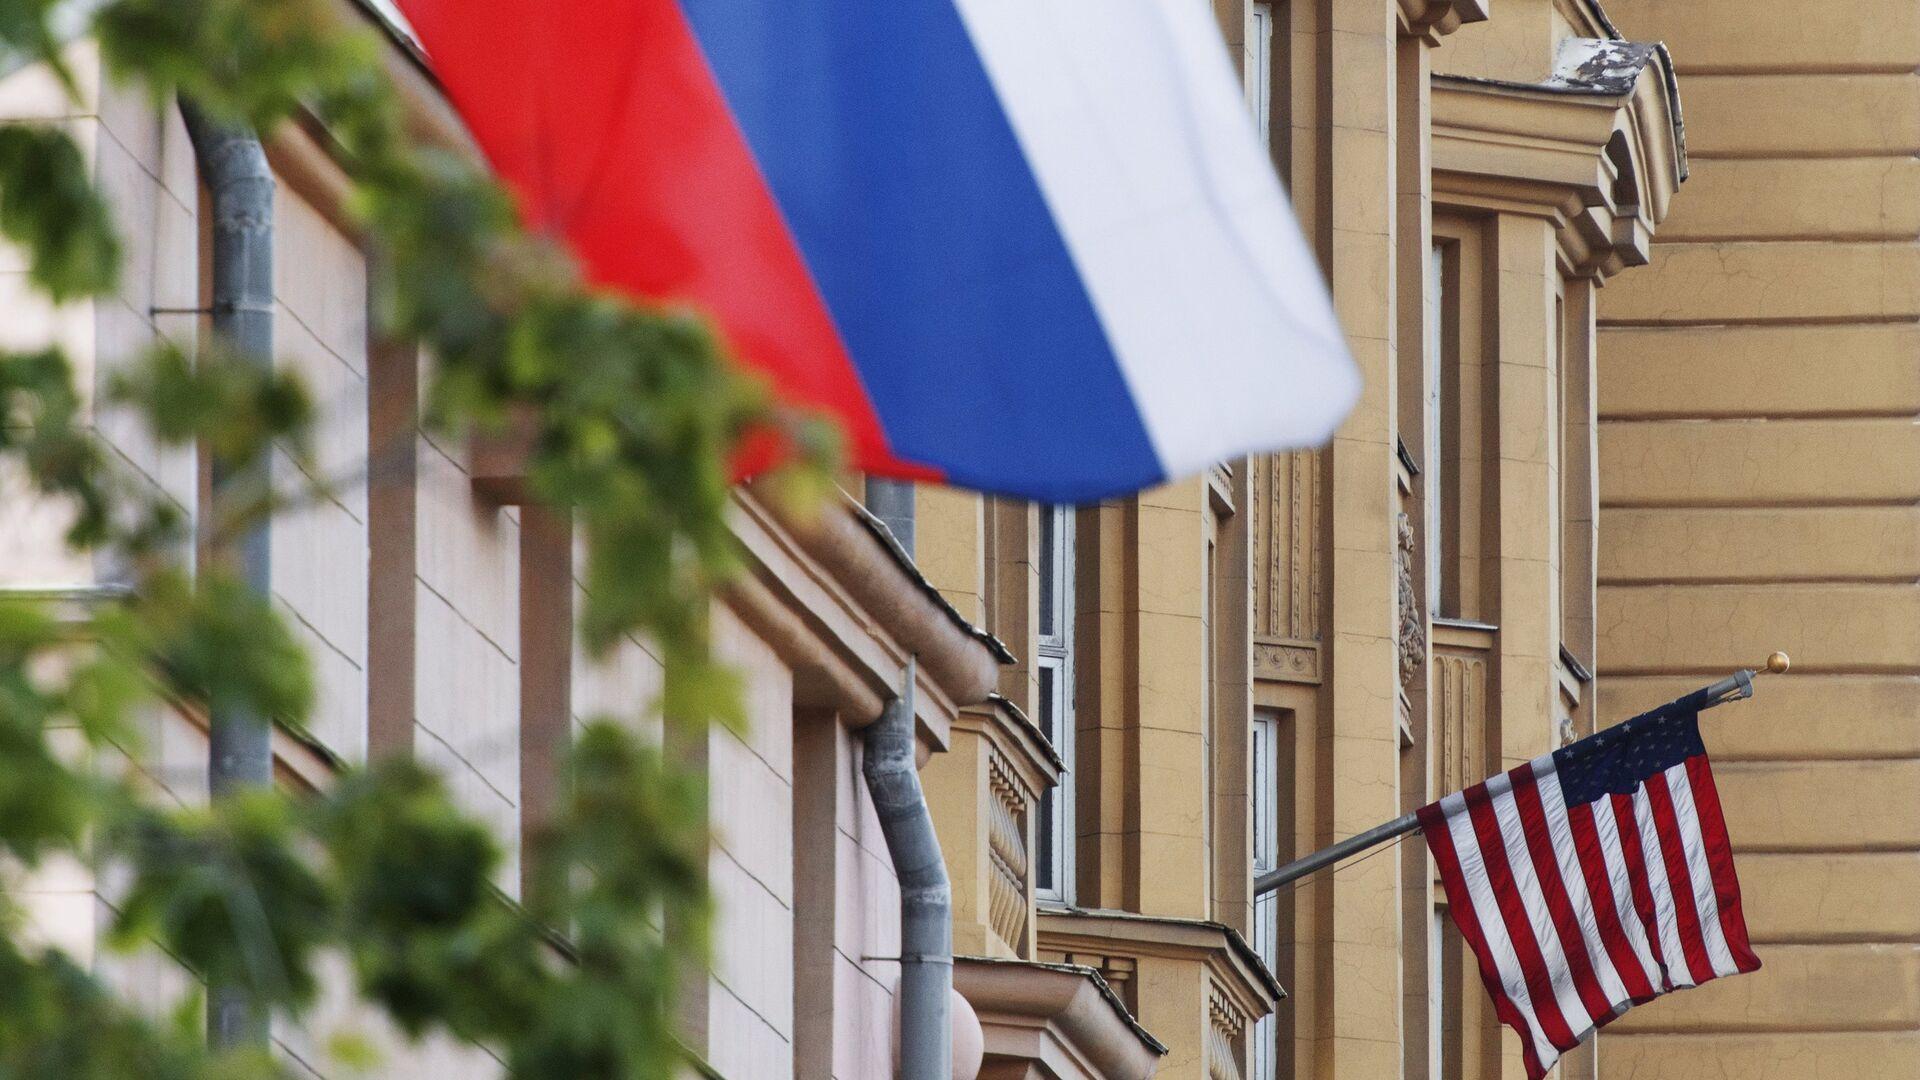 Banderas de EEUU y de Rusia en las proximidades de la Embajada de EEUU en Moscú. - Sputnik Mundo, 1920, 12.10.2021